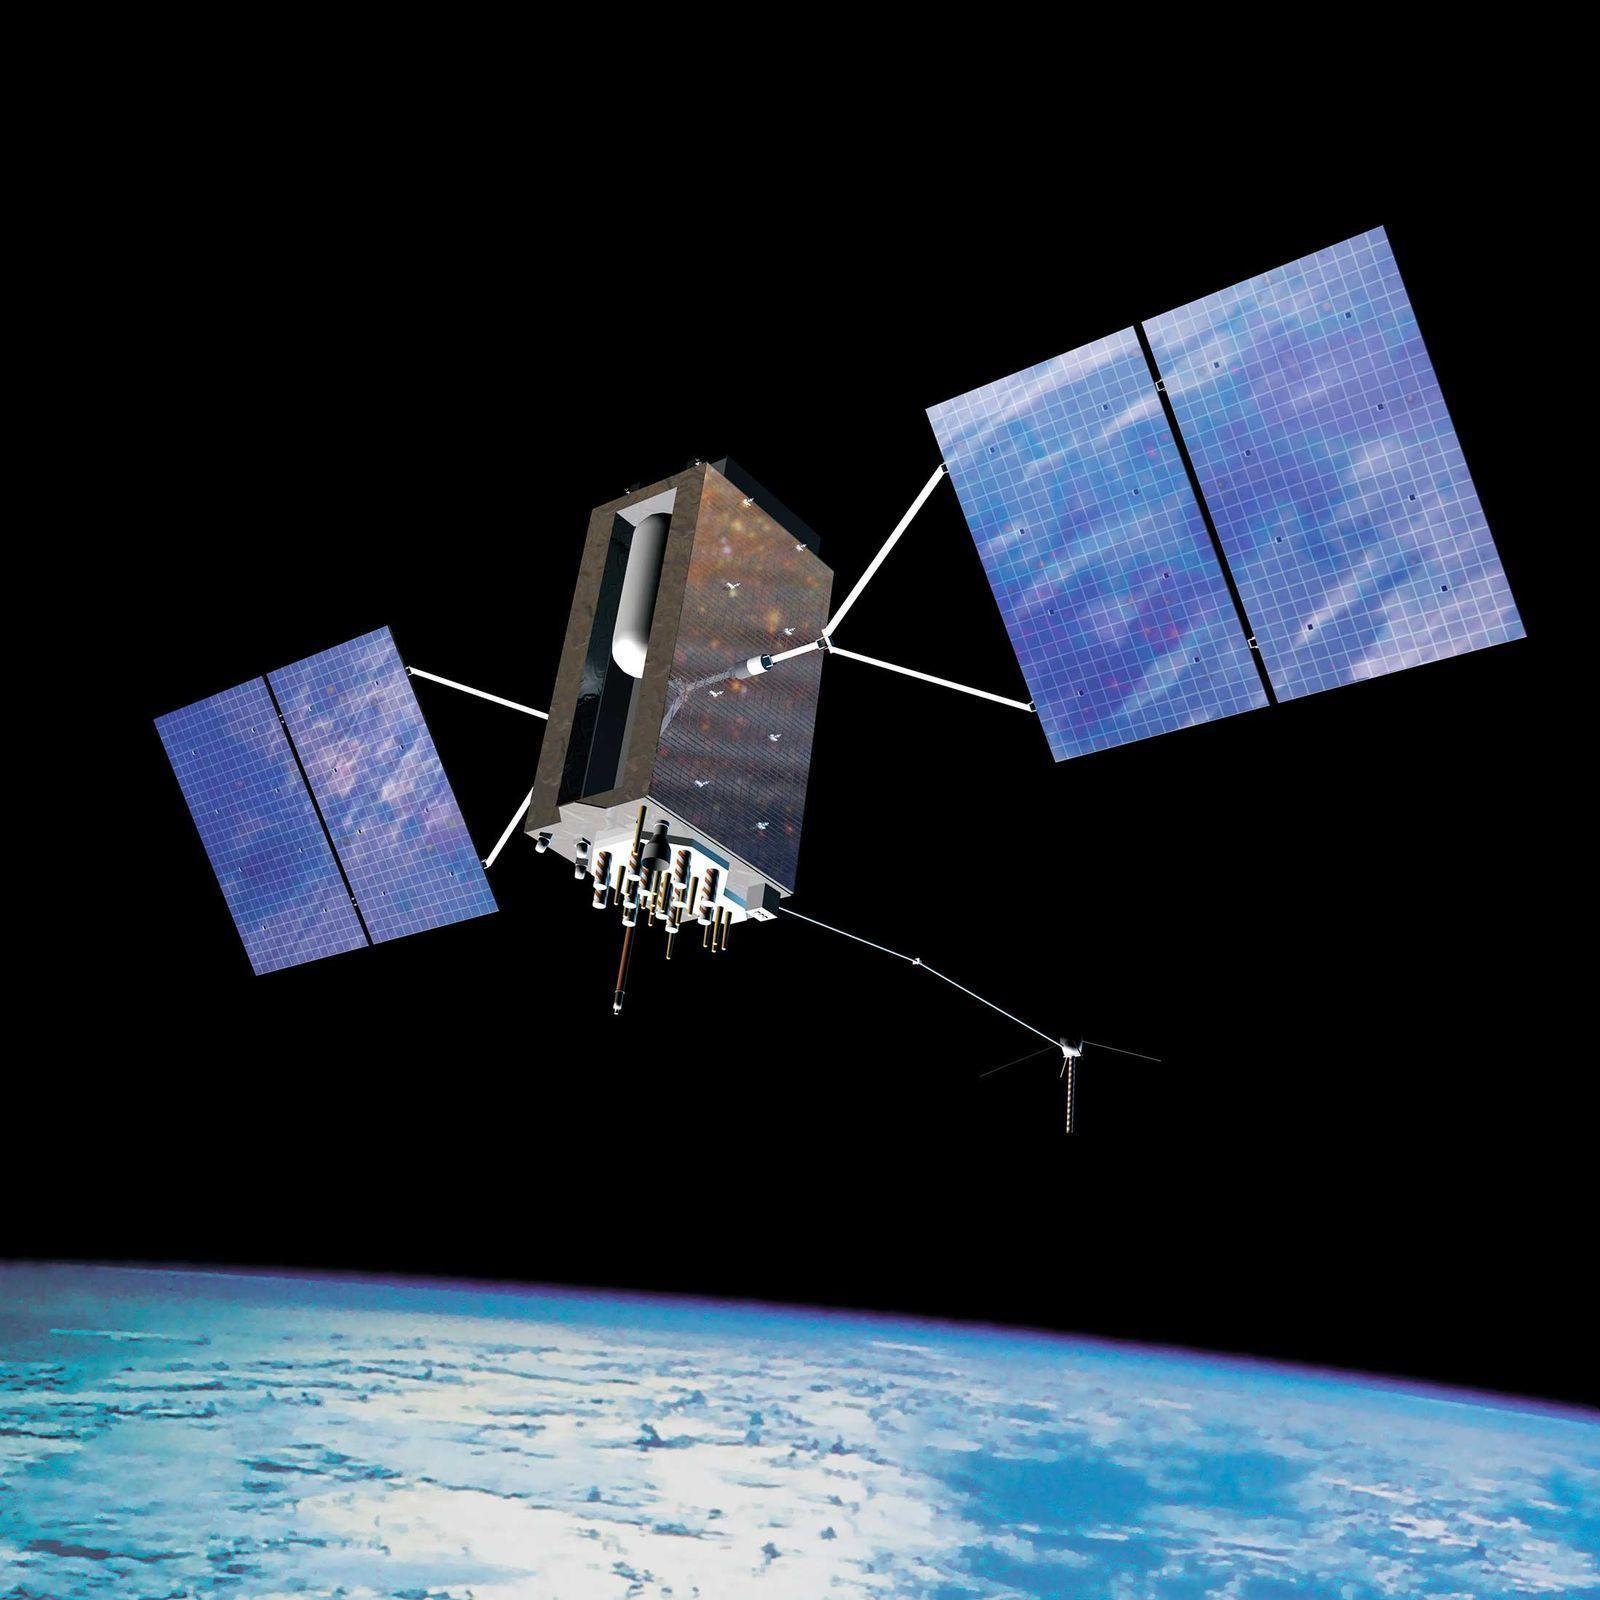 世界依赖GPS运转:万一出错怎么办?要有备用系统